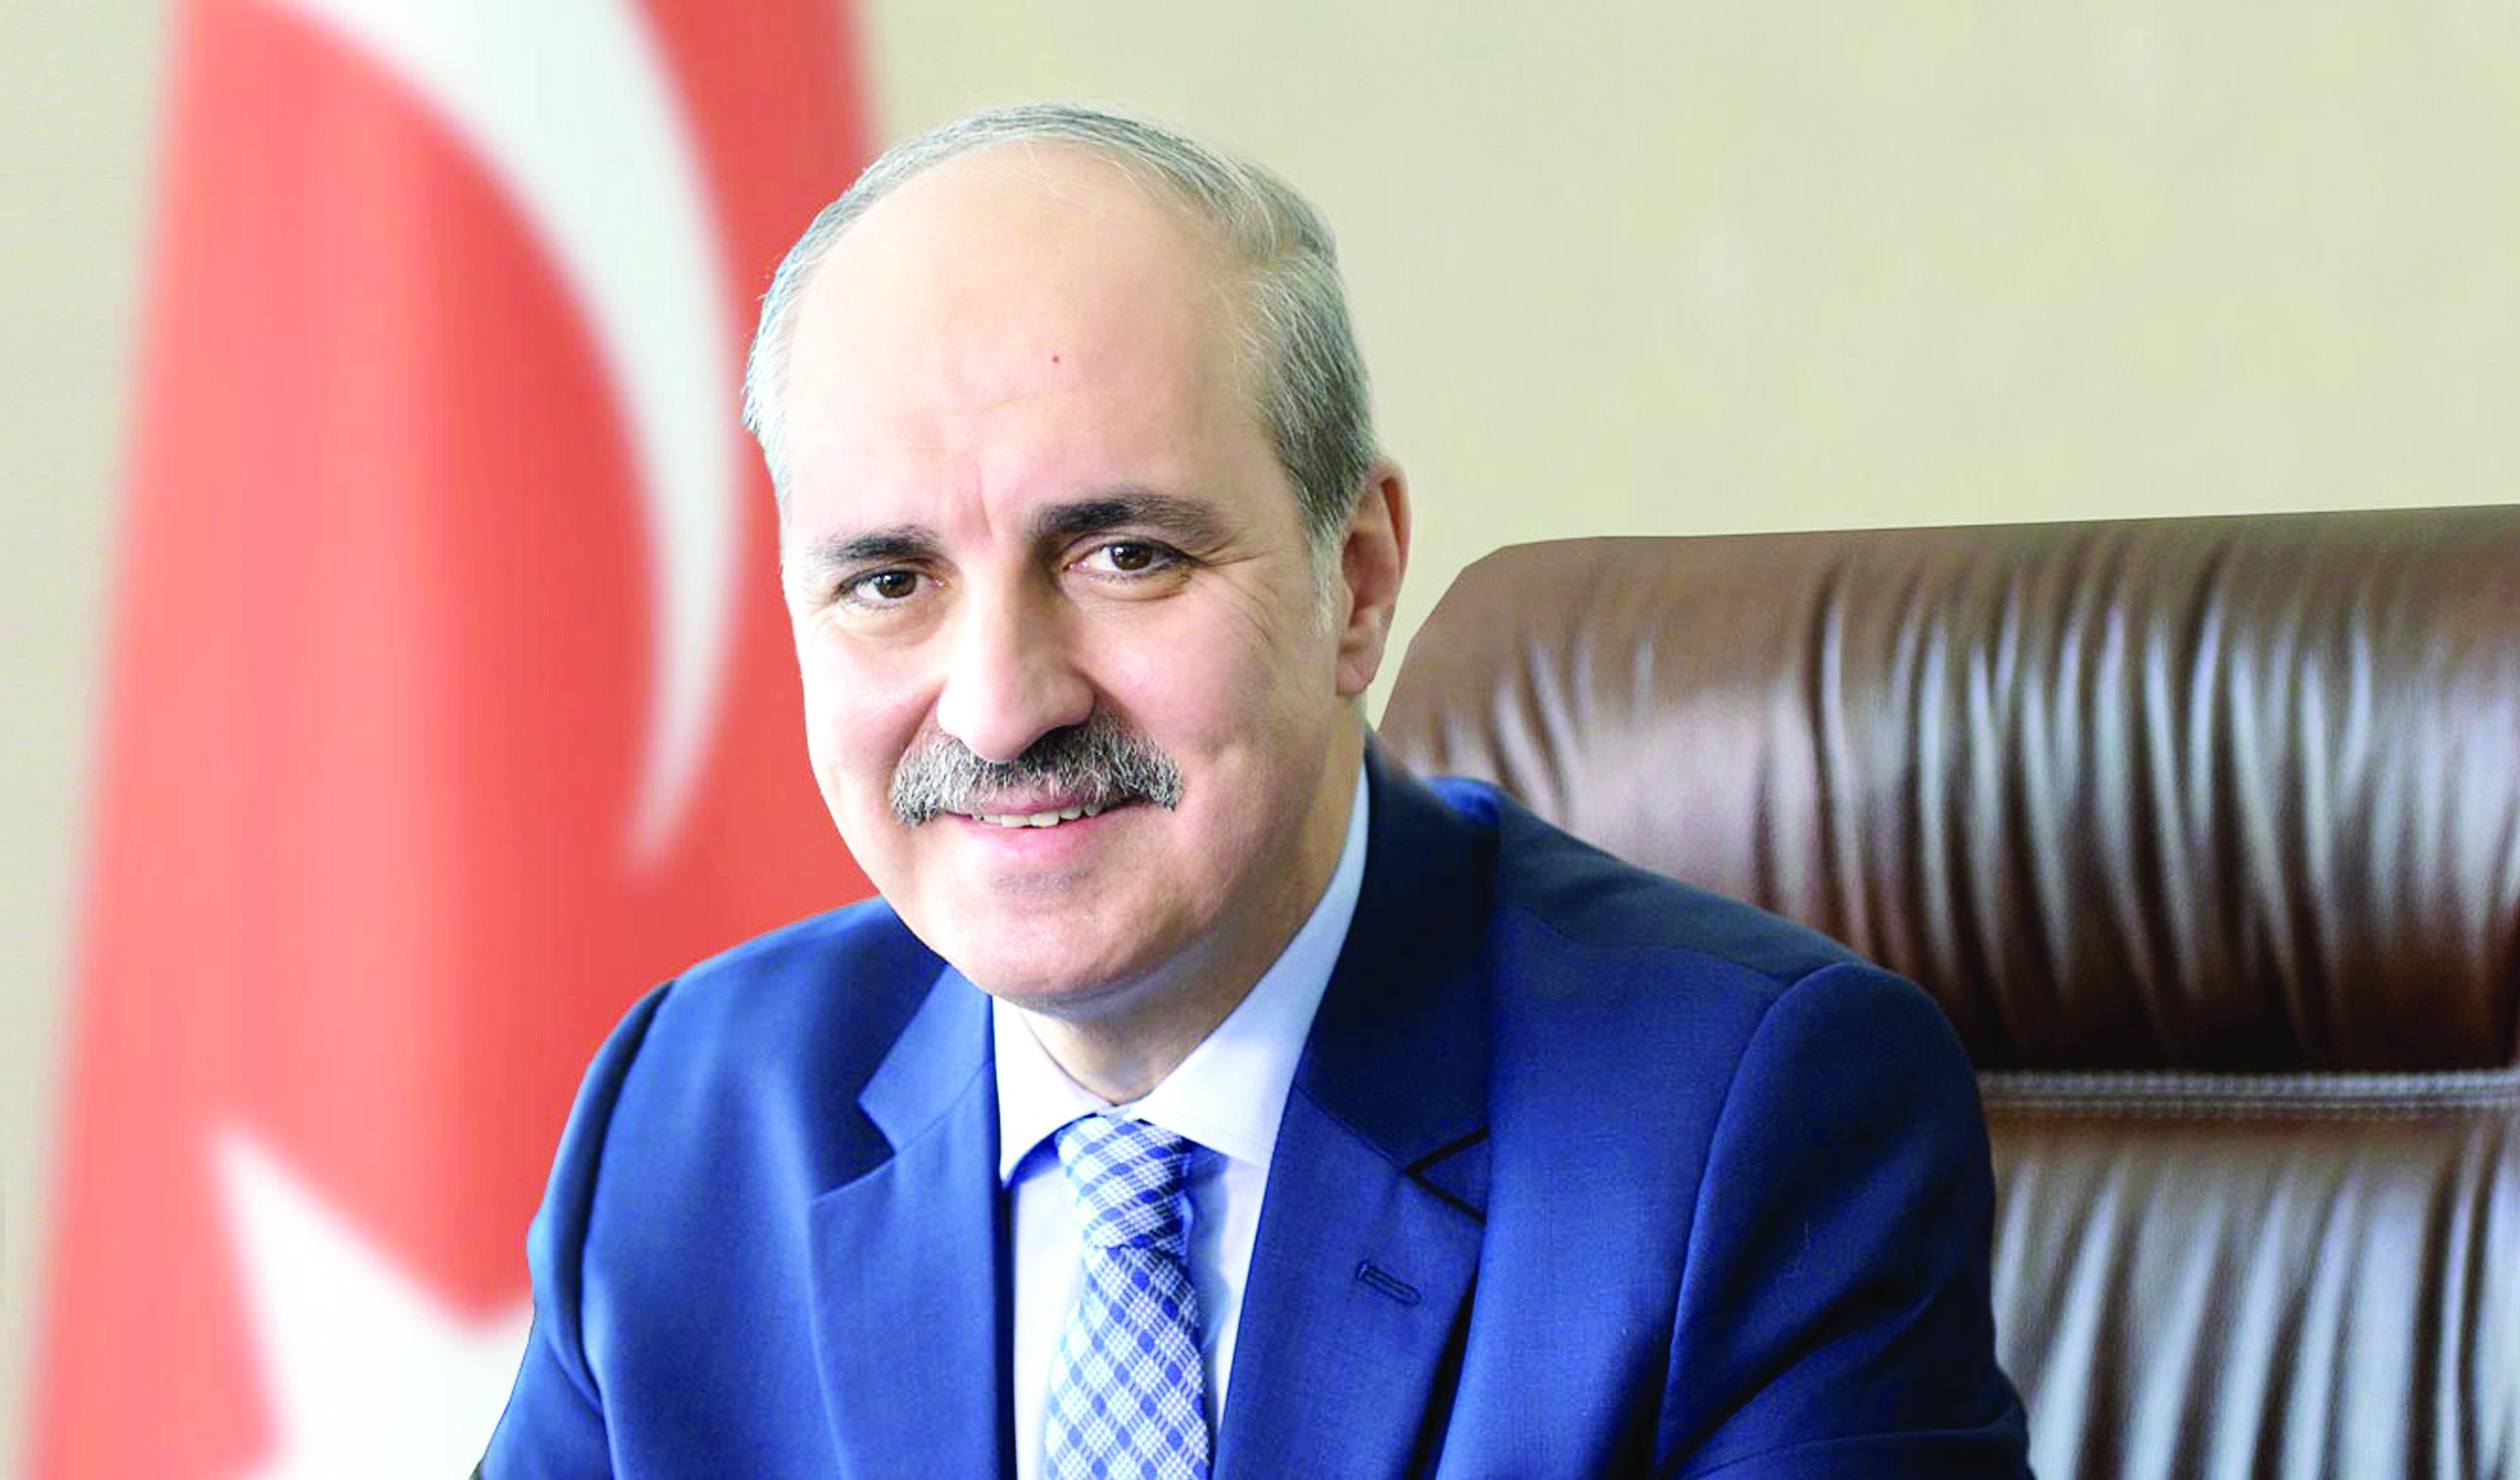 أنقرة: النار ستلتهم الجميع إن لم تُحل الأزمة السورية سلميا